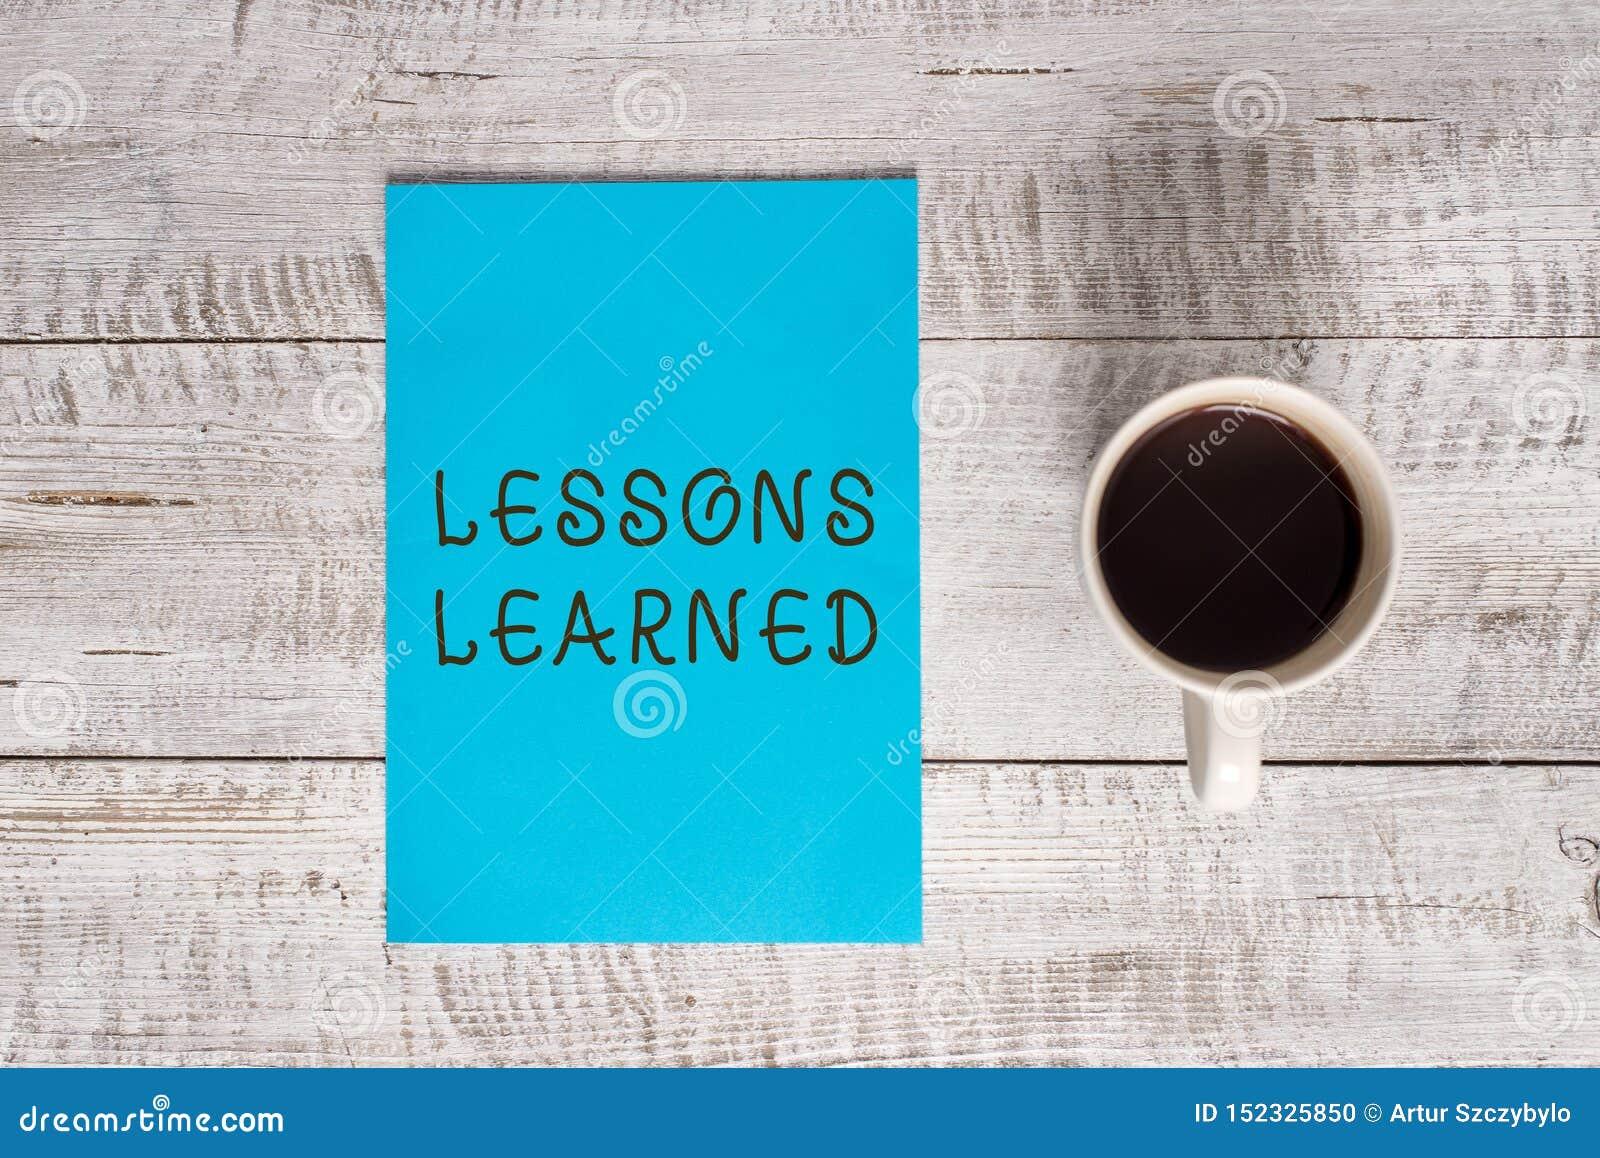 显示取得的经验的概念性手文字 企业照片文本知识或理解由经验获取了